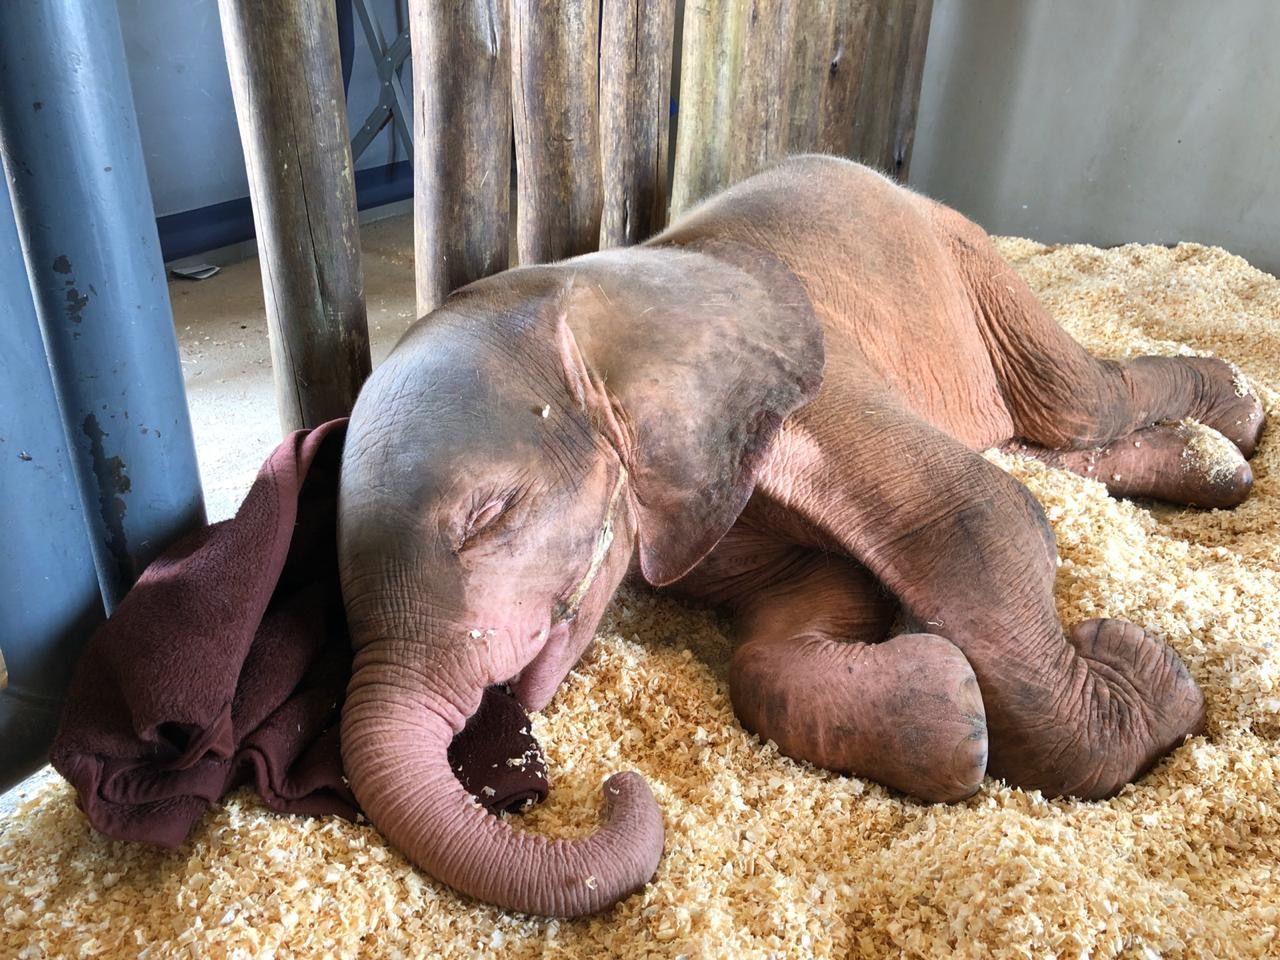 Seltener Albino-Elefant gerettet